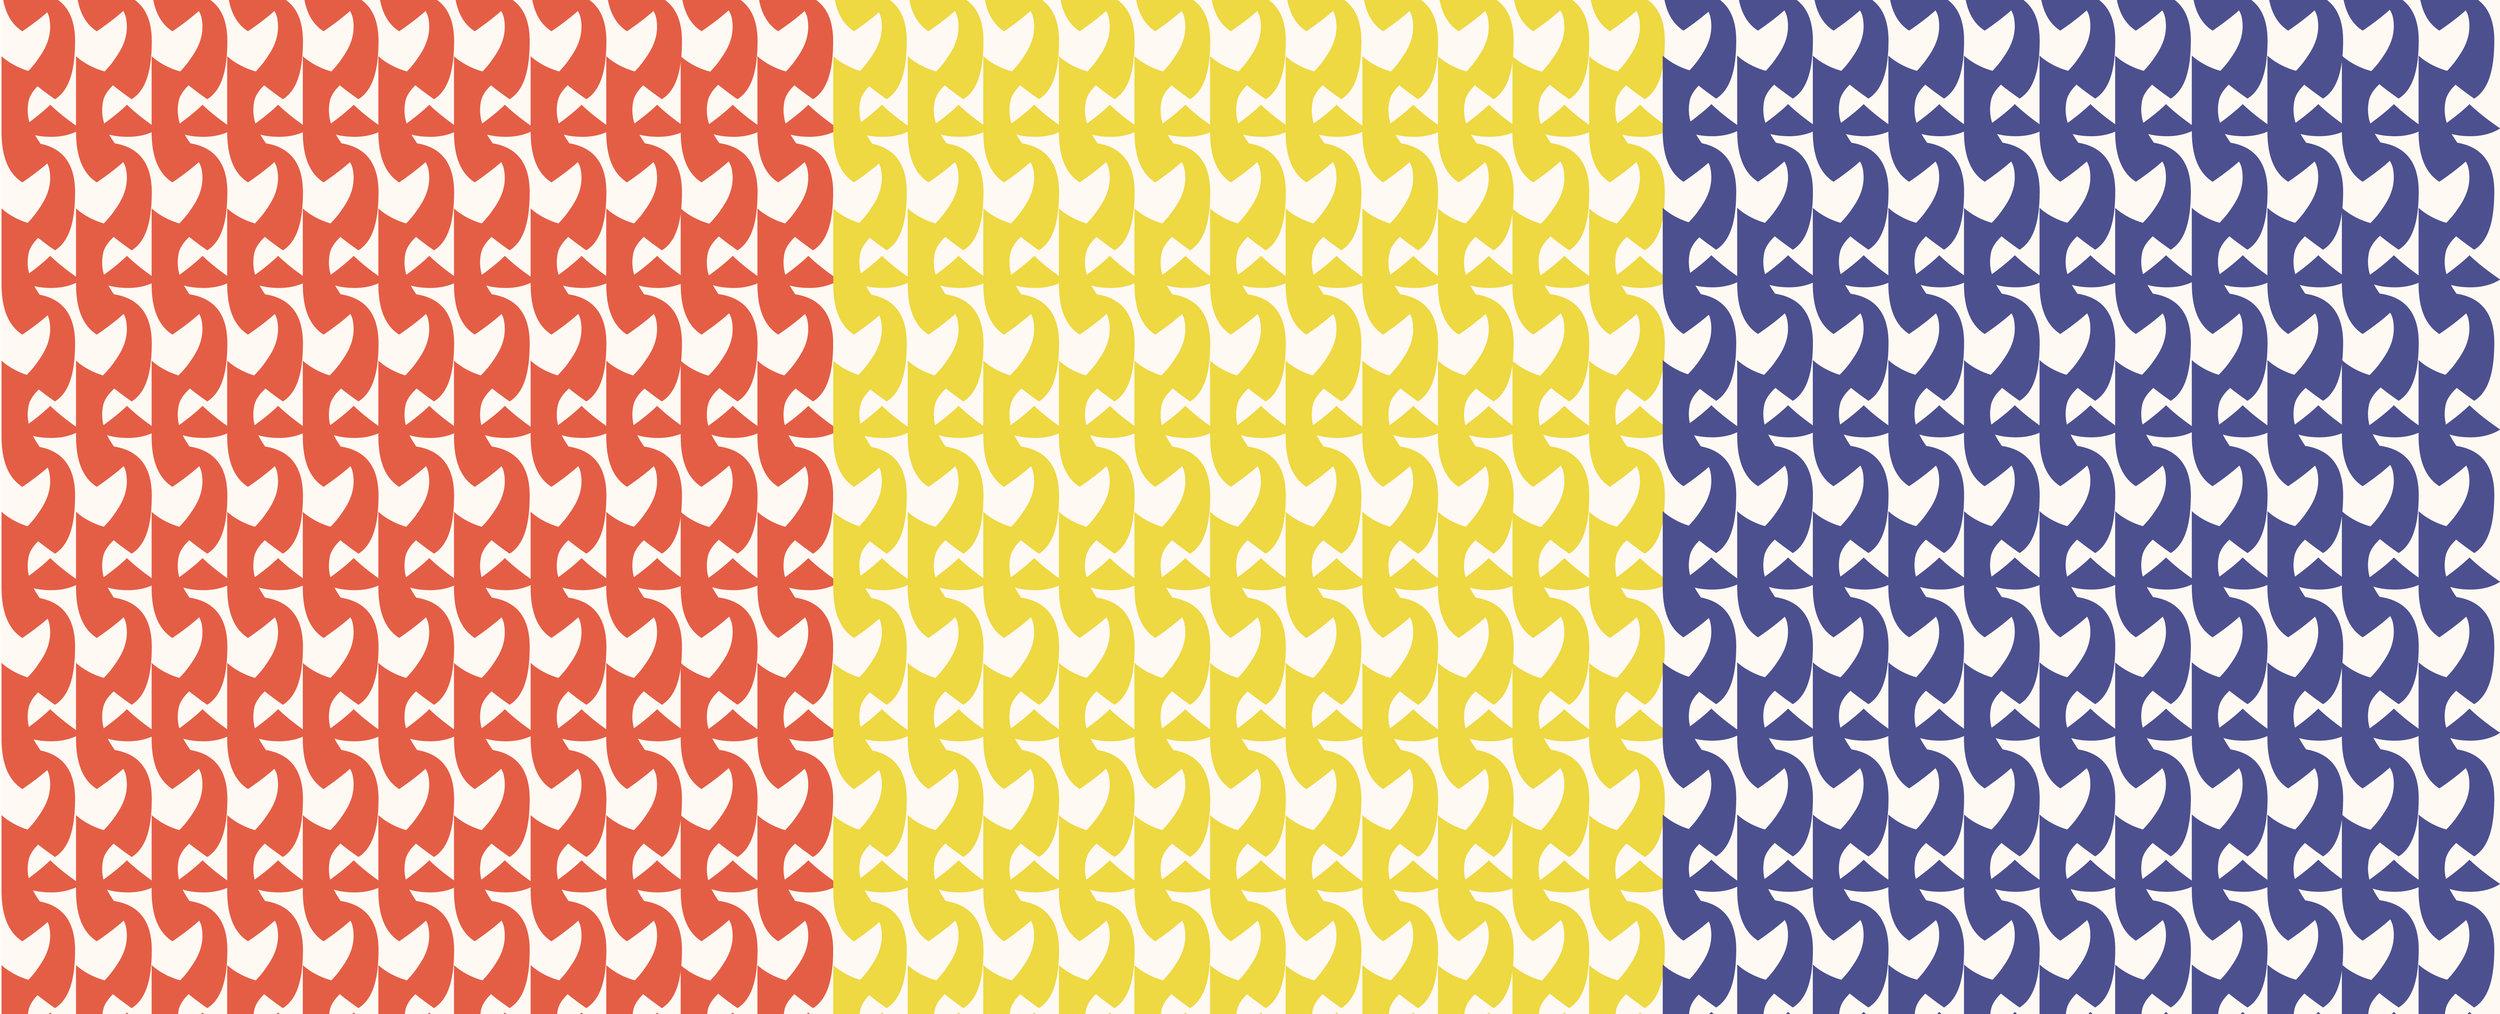 brand pattern-01.jpg